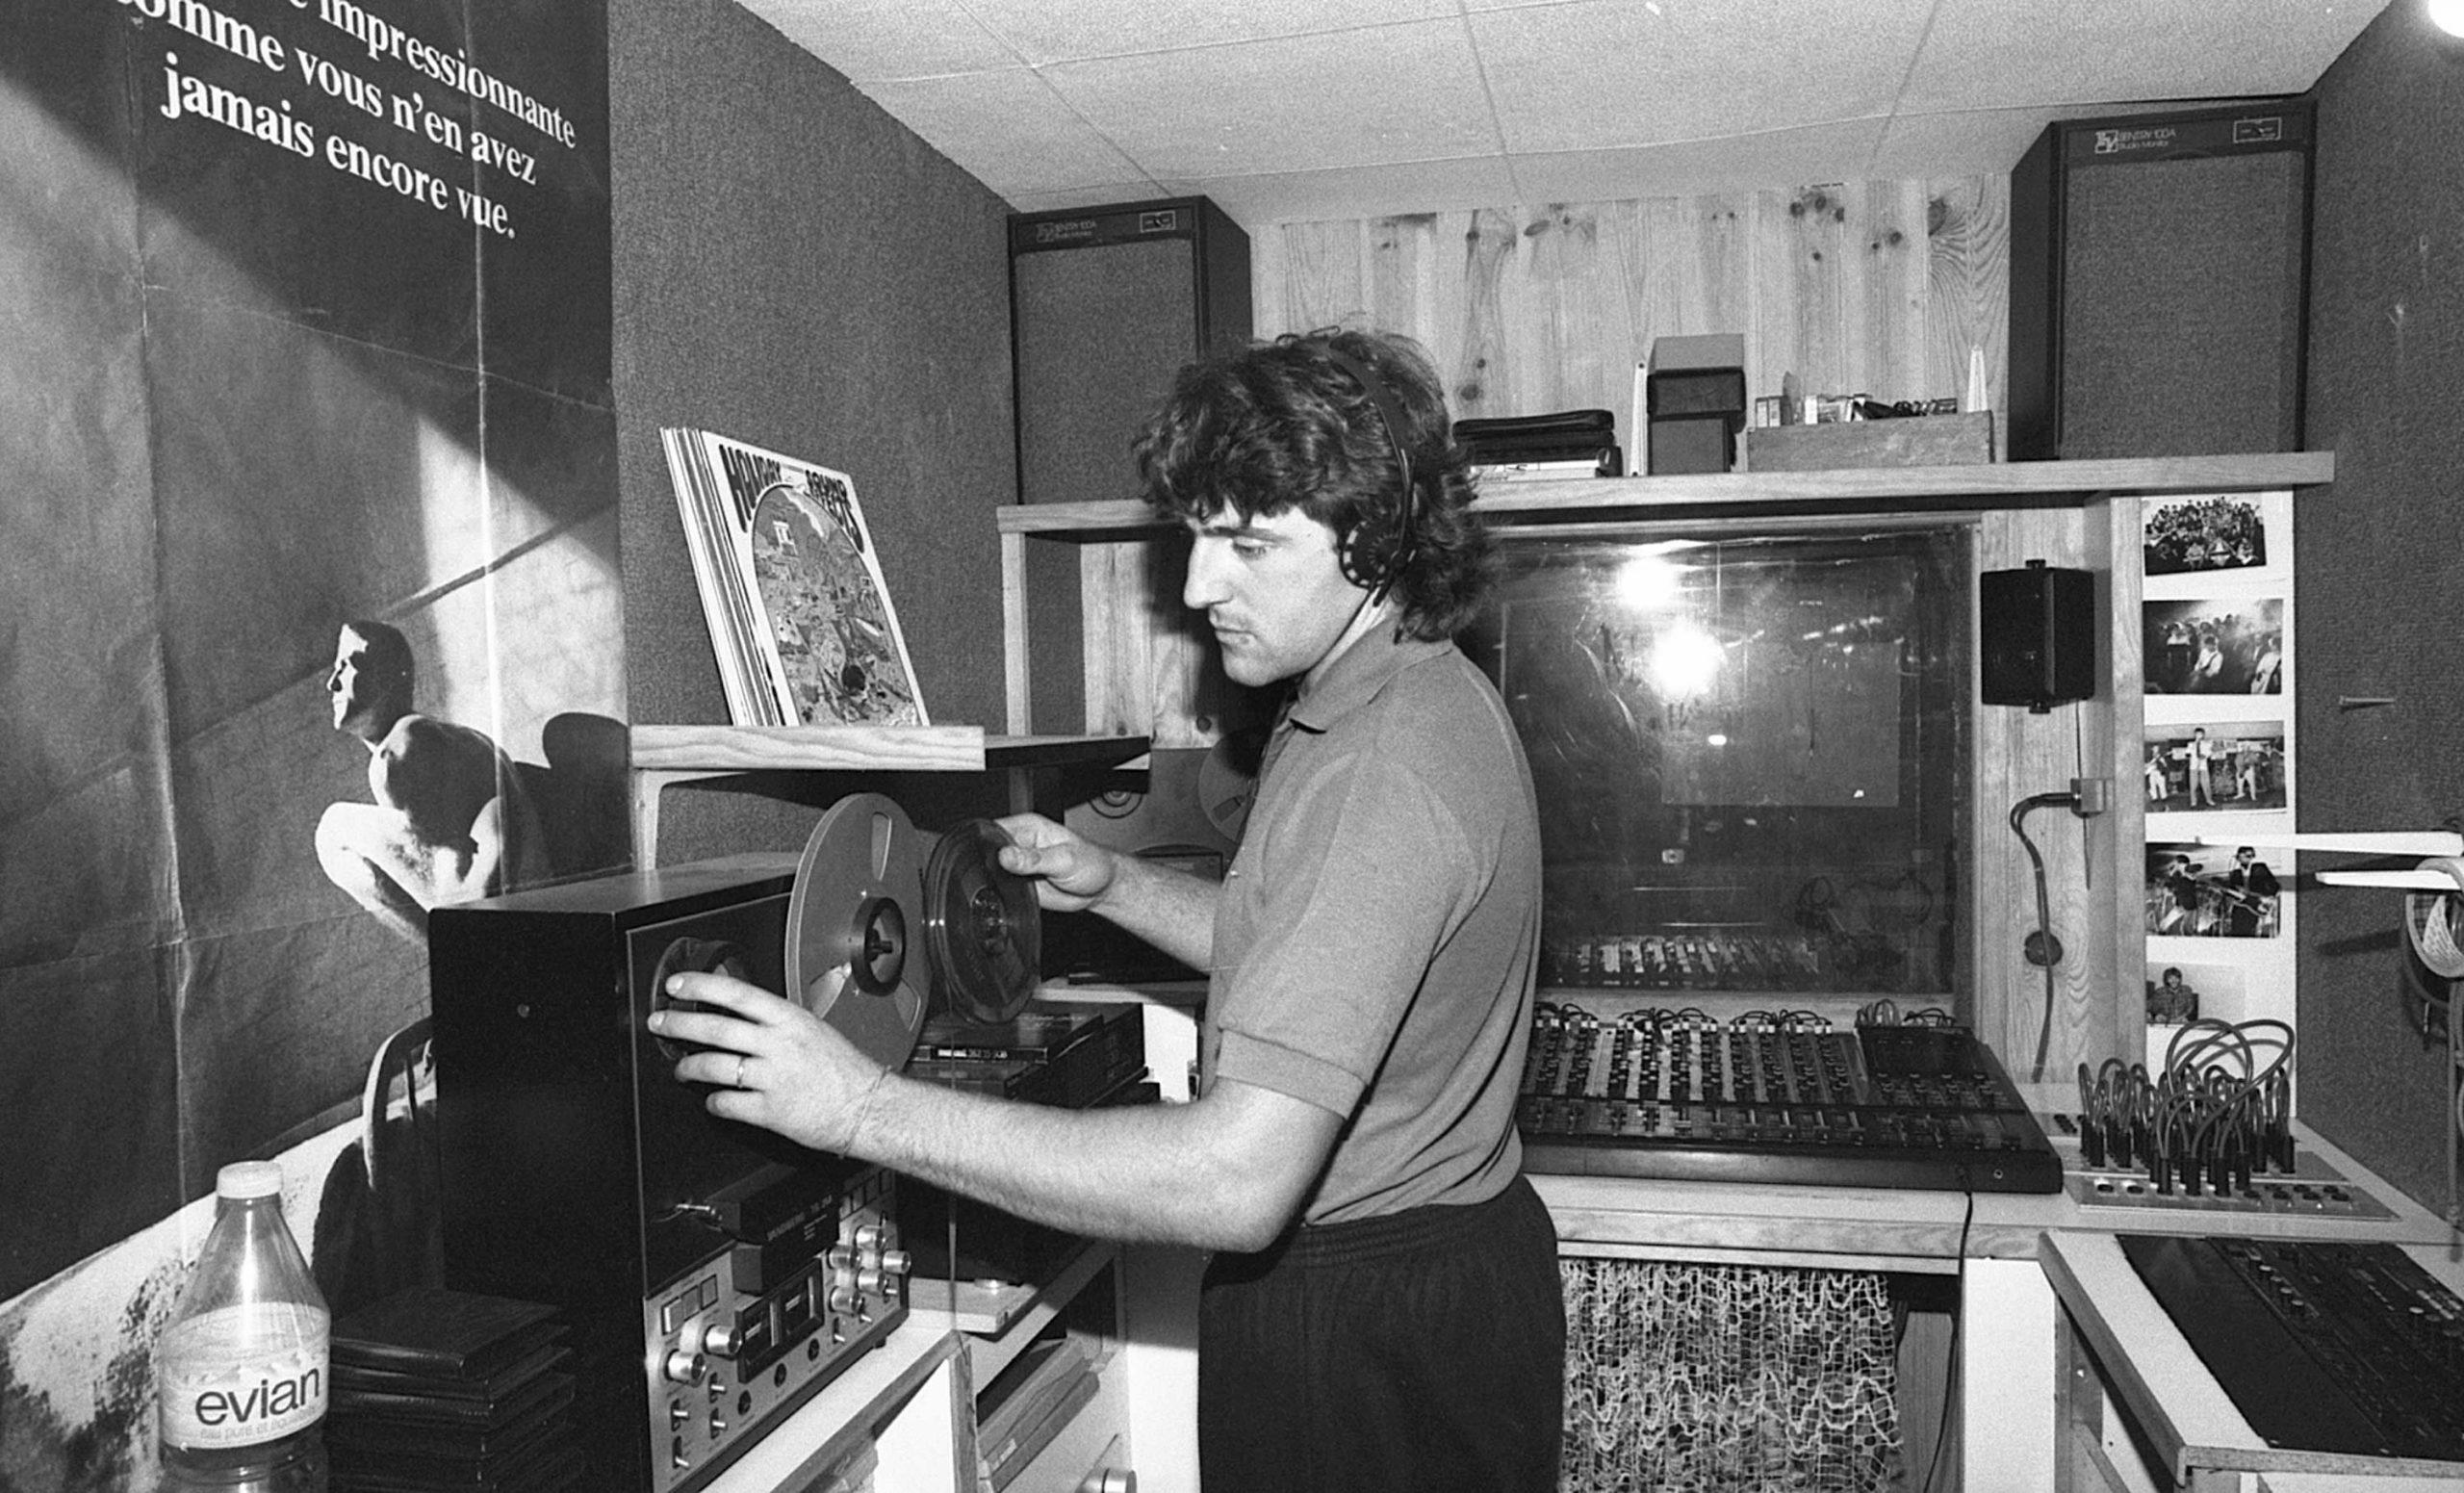 Années 80 : pendant les premières années, Patrice Dugornay enregistre lui-même les groupes dans le premier studio de l'asso, outil indispensable de création musicale. <br>Des centaines d'albums y seront réalisés. (photo 1987)